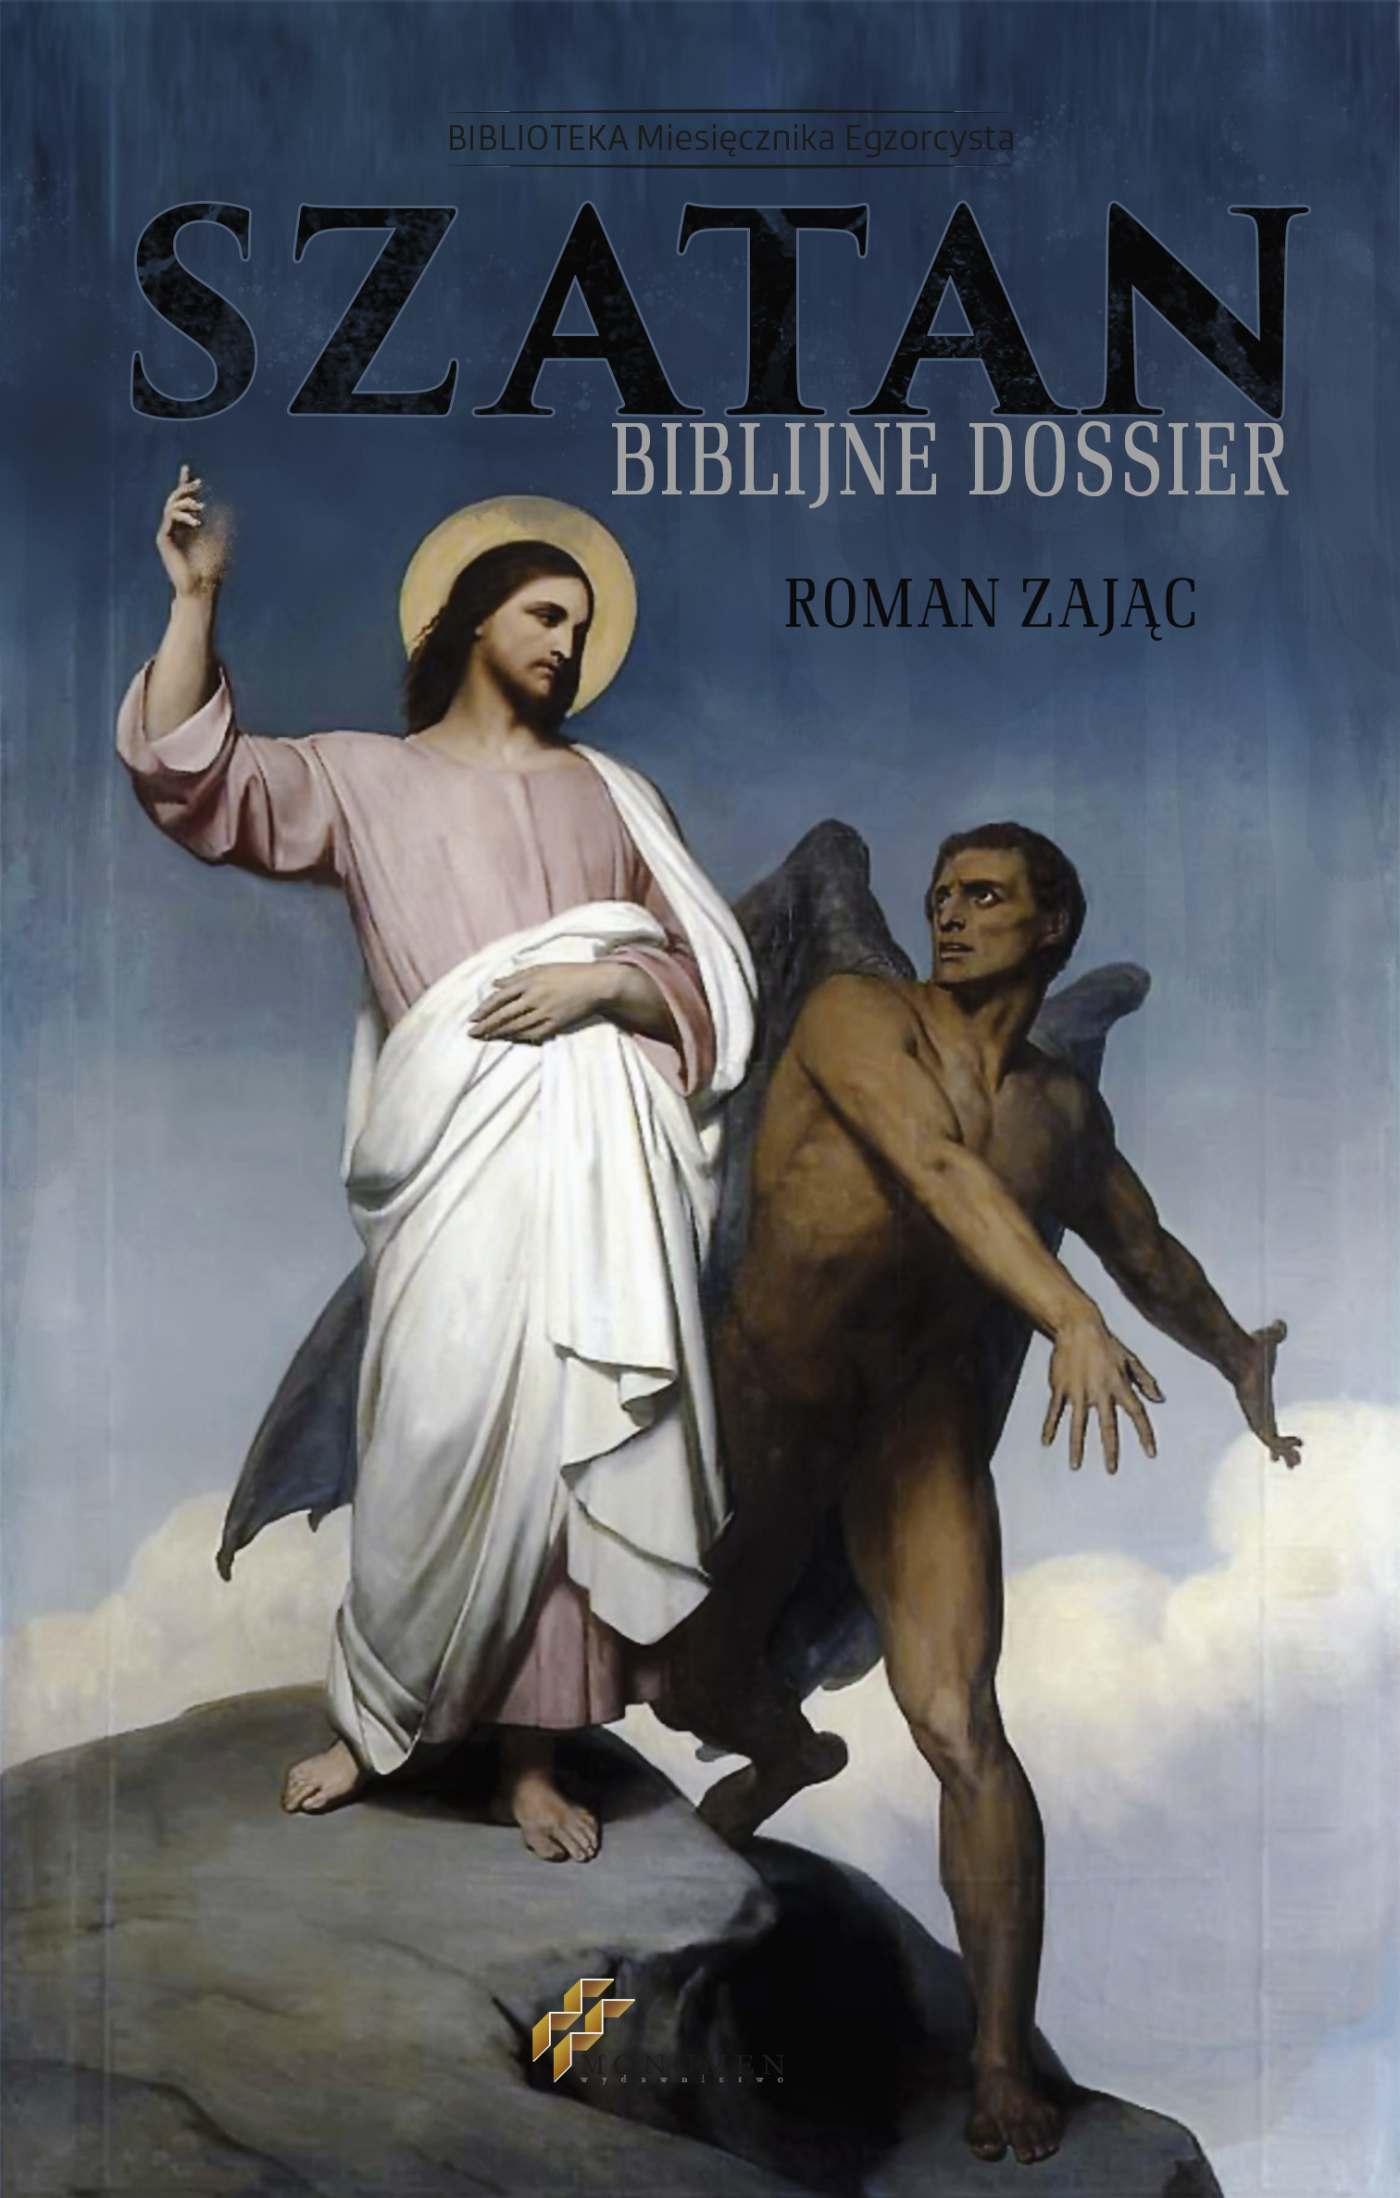 Szatan Biblijne Dossier - Ebook (Książka EPUB) do pobrania w formacie EPUB